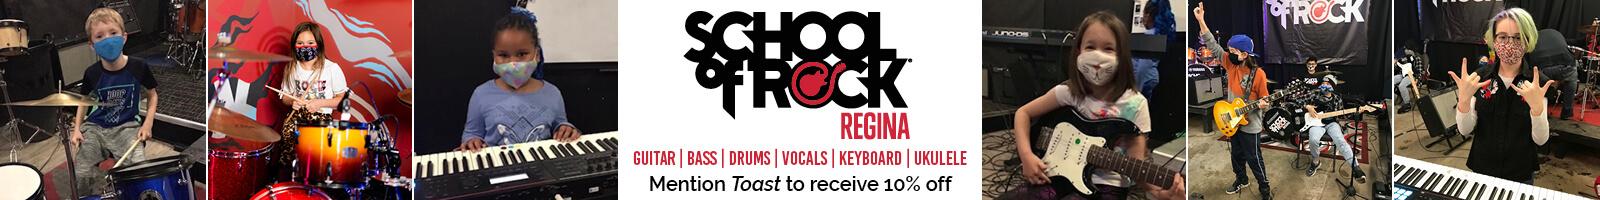 School of Rock Regina banner ad